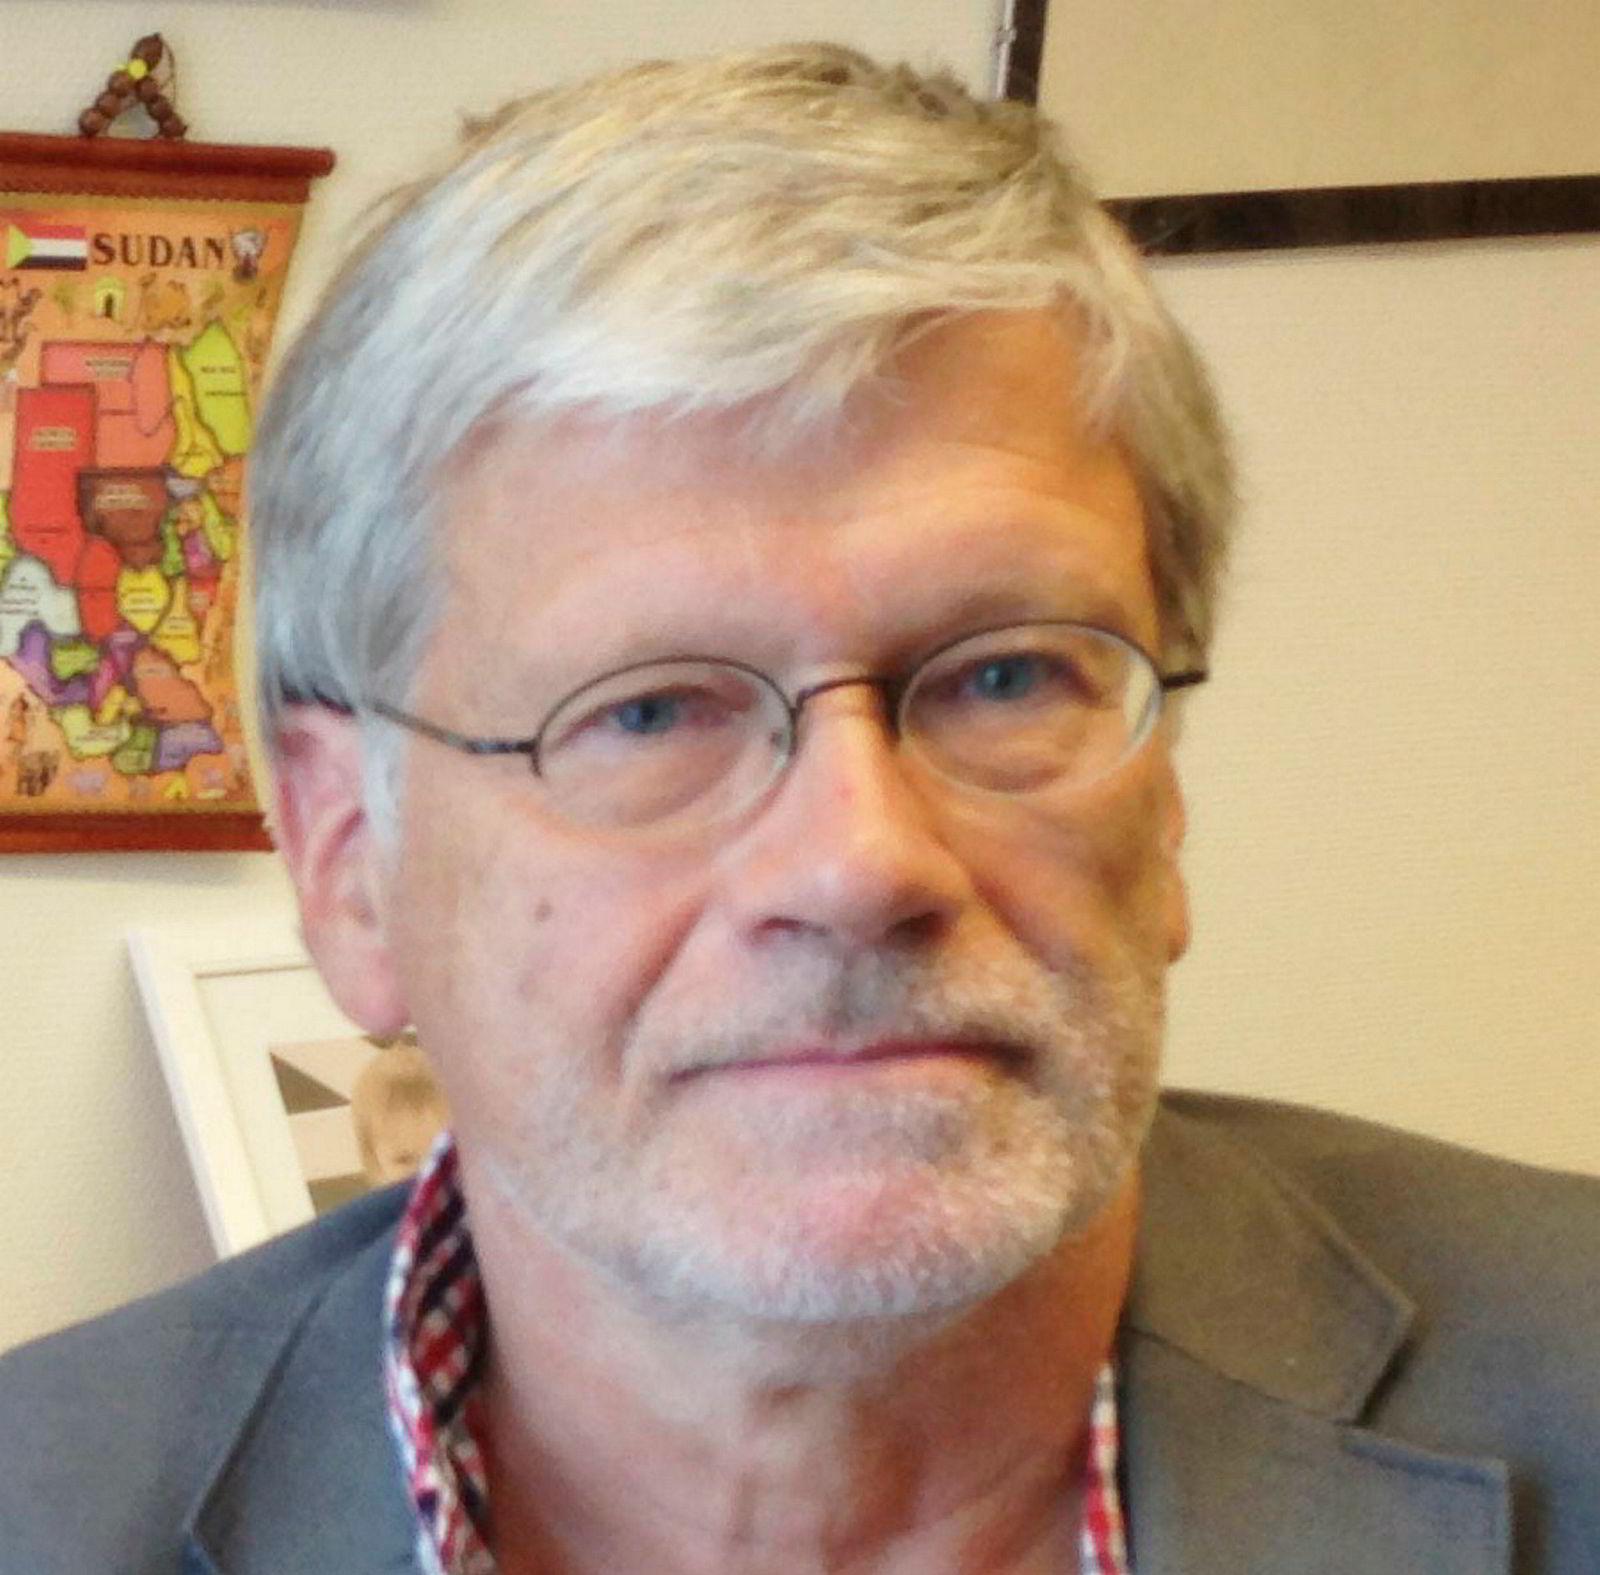 Anders Breidlid er professor ved fakultet for lærerutdannelse og internasjonale studier ved Oslomet.